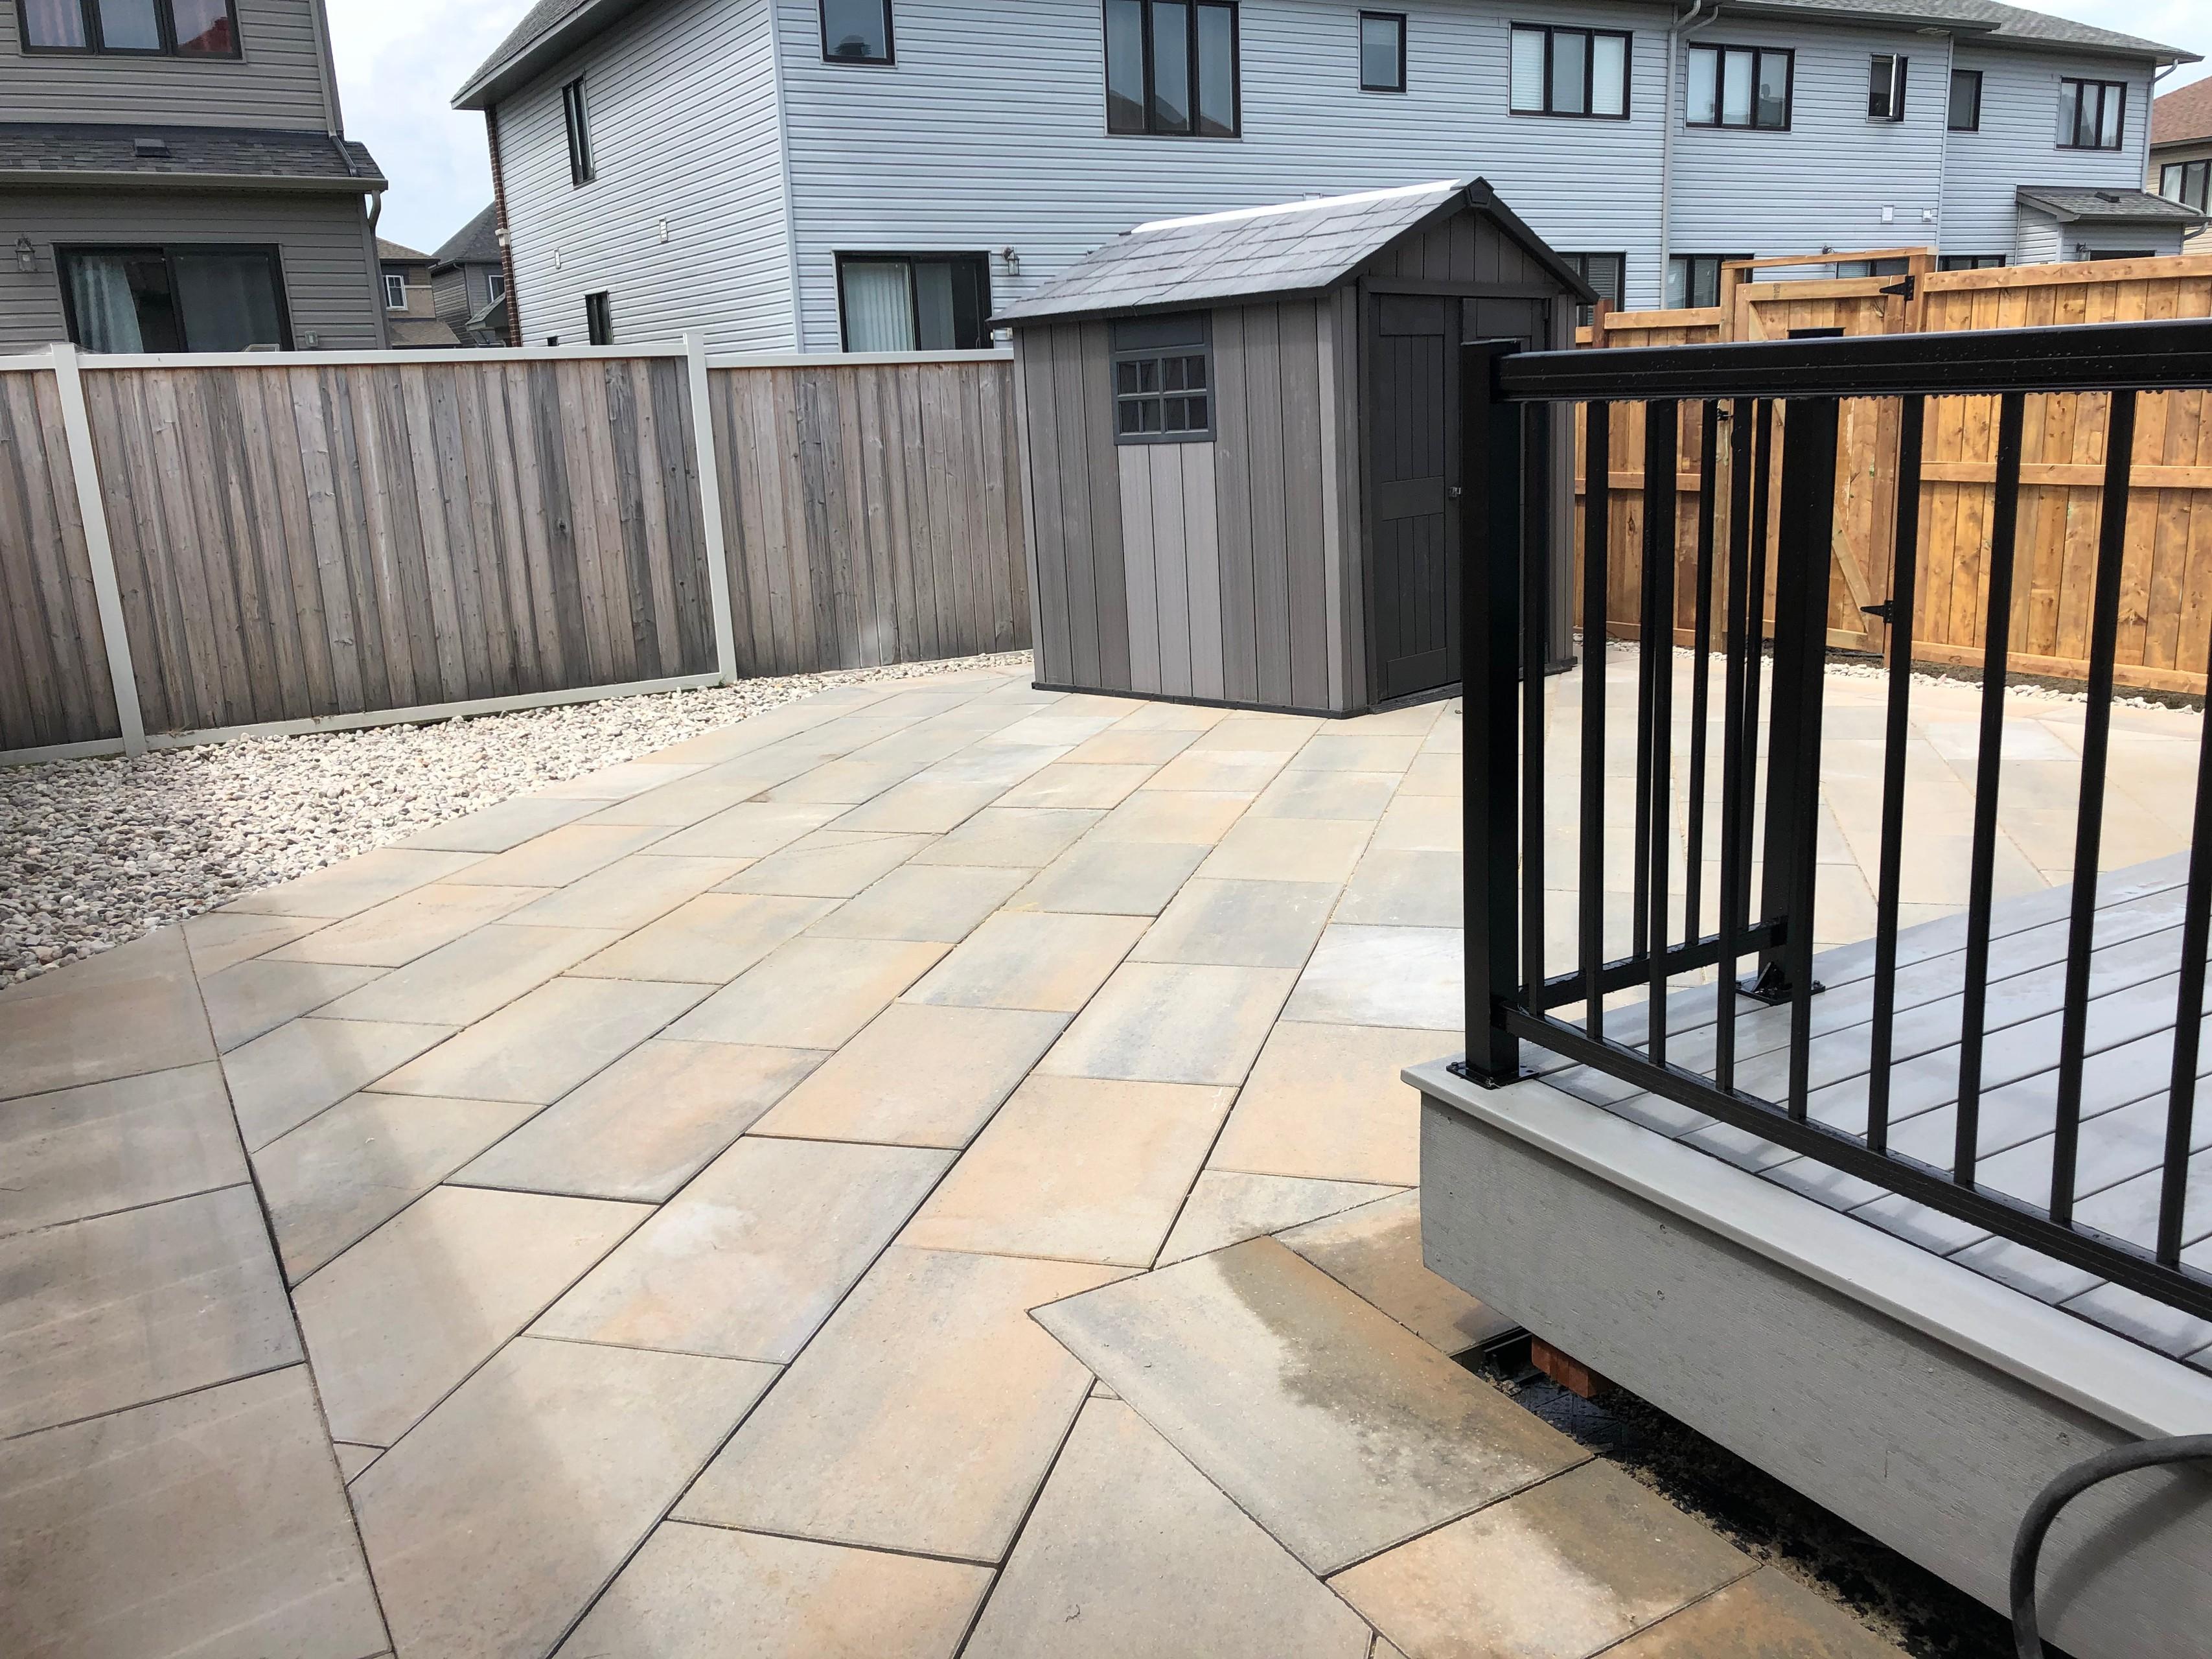 composite deck with alluminum railing and interlock